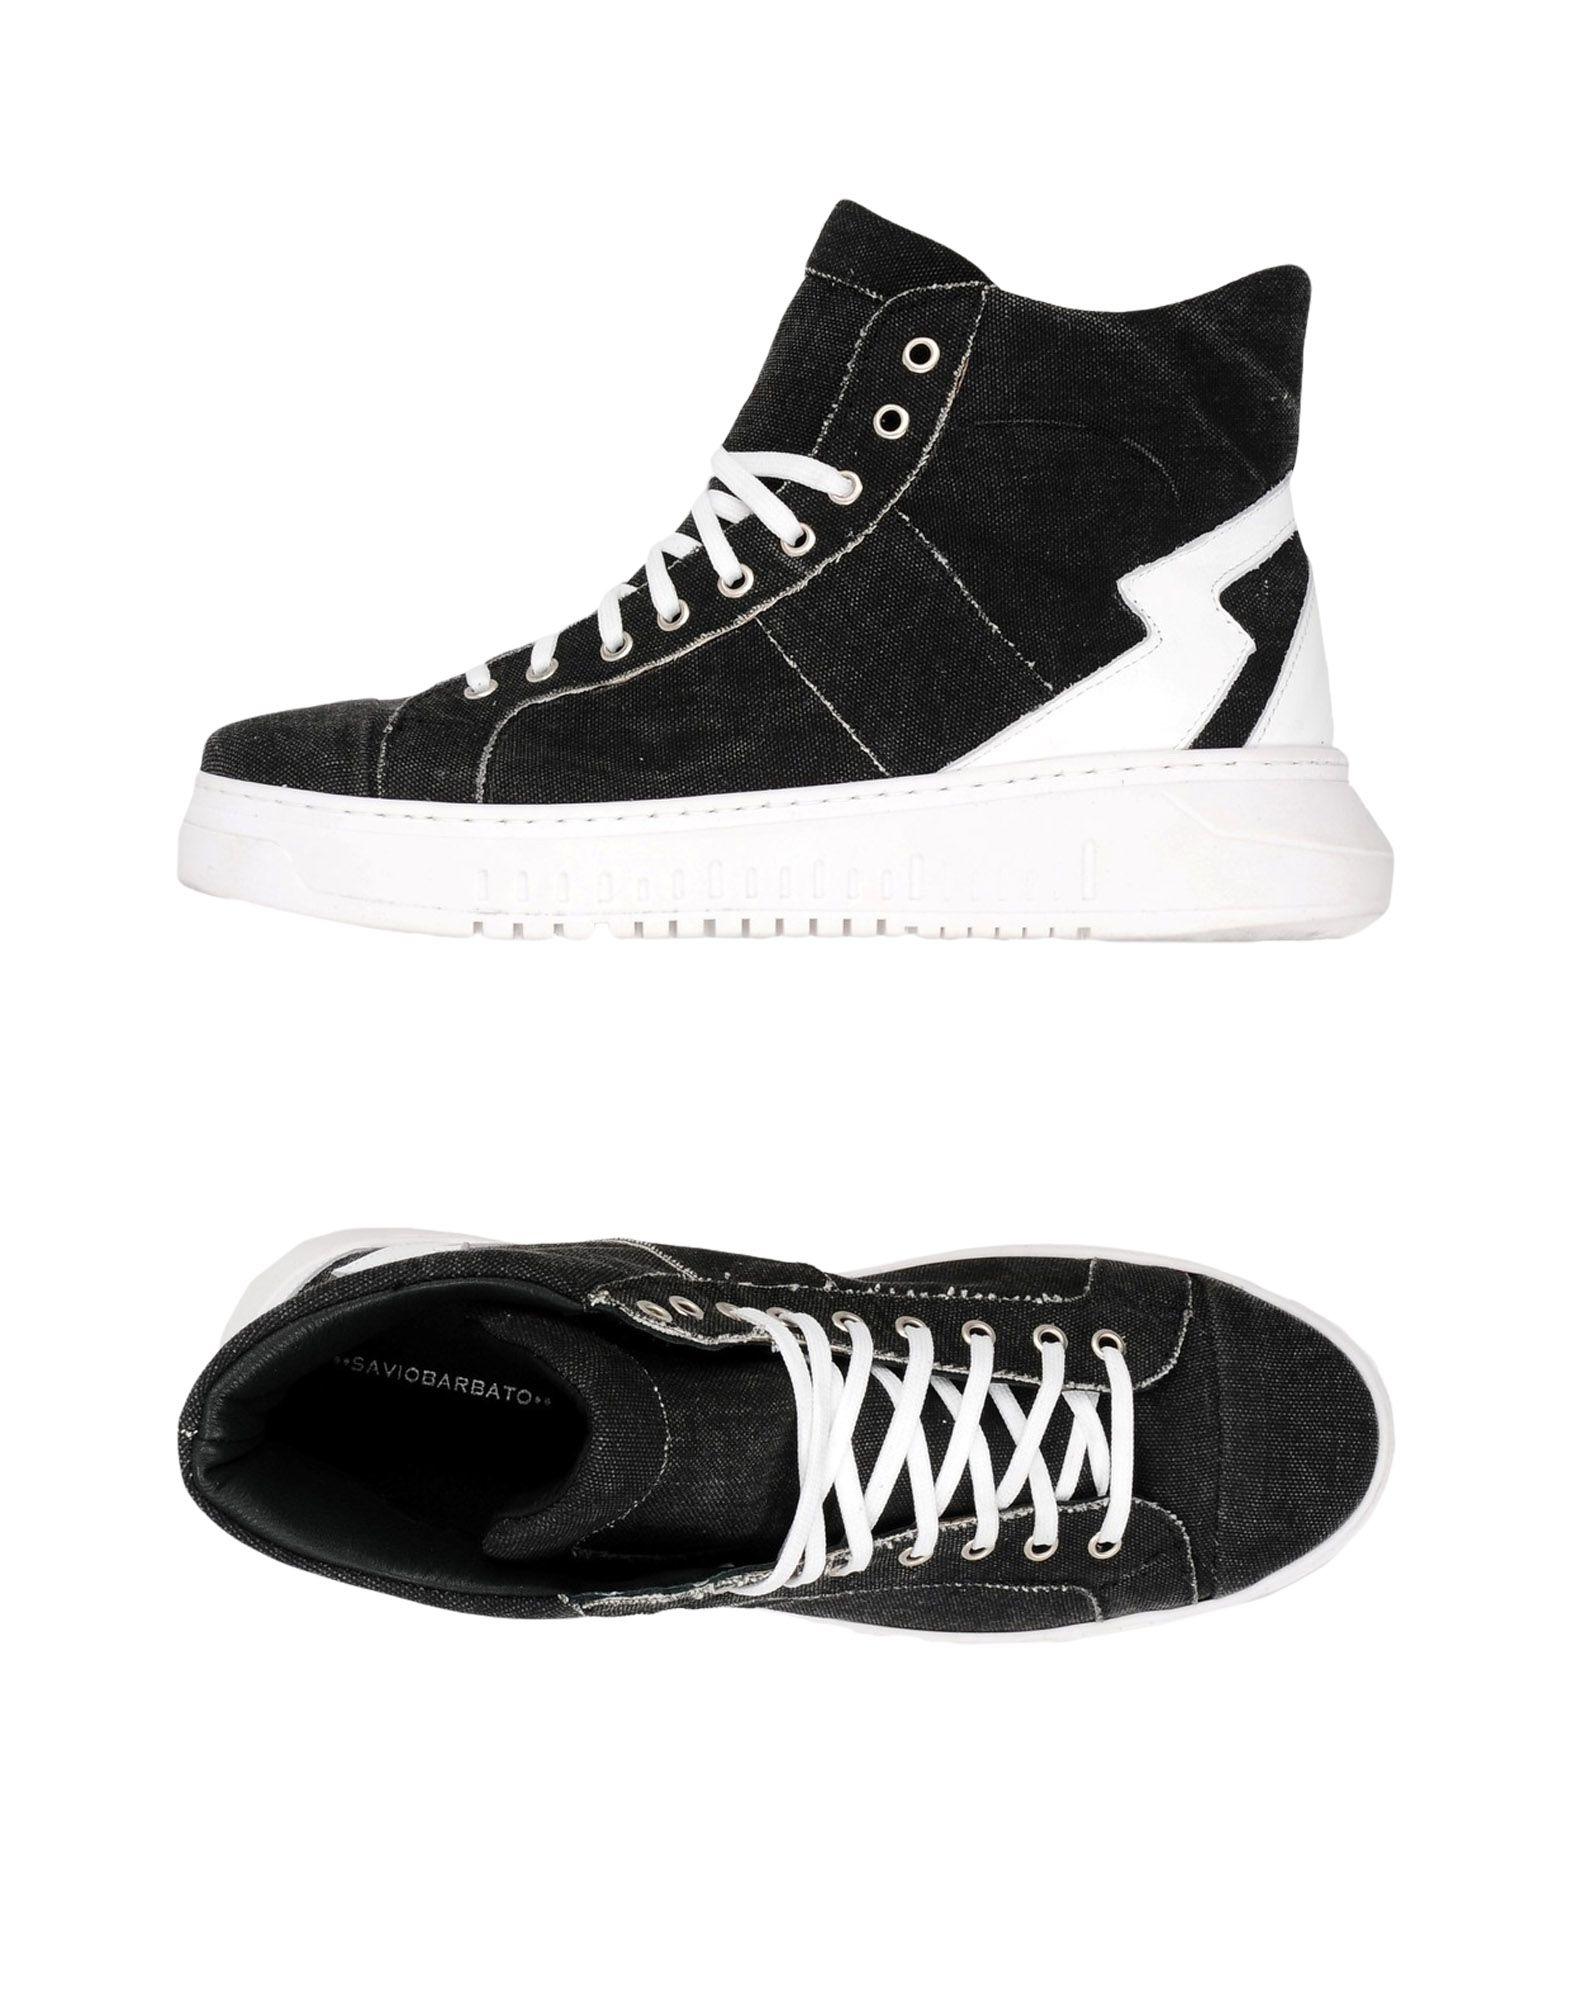 《送料無料》SAVIO BARBATO メンズ スニーカー&テニスシューズ(ハイカット) ブラック 41 紡績繊維 / 牛革(カーフ)